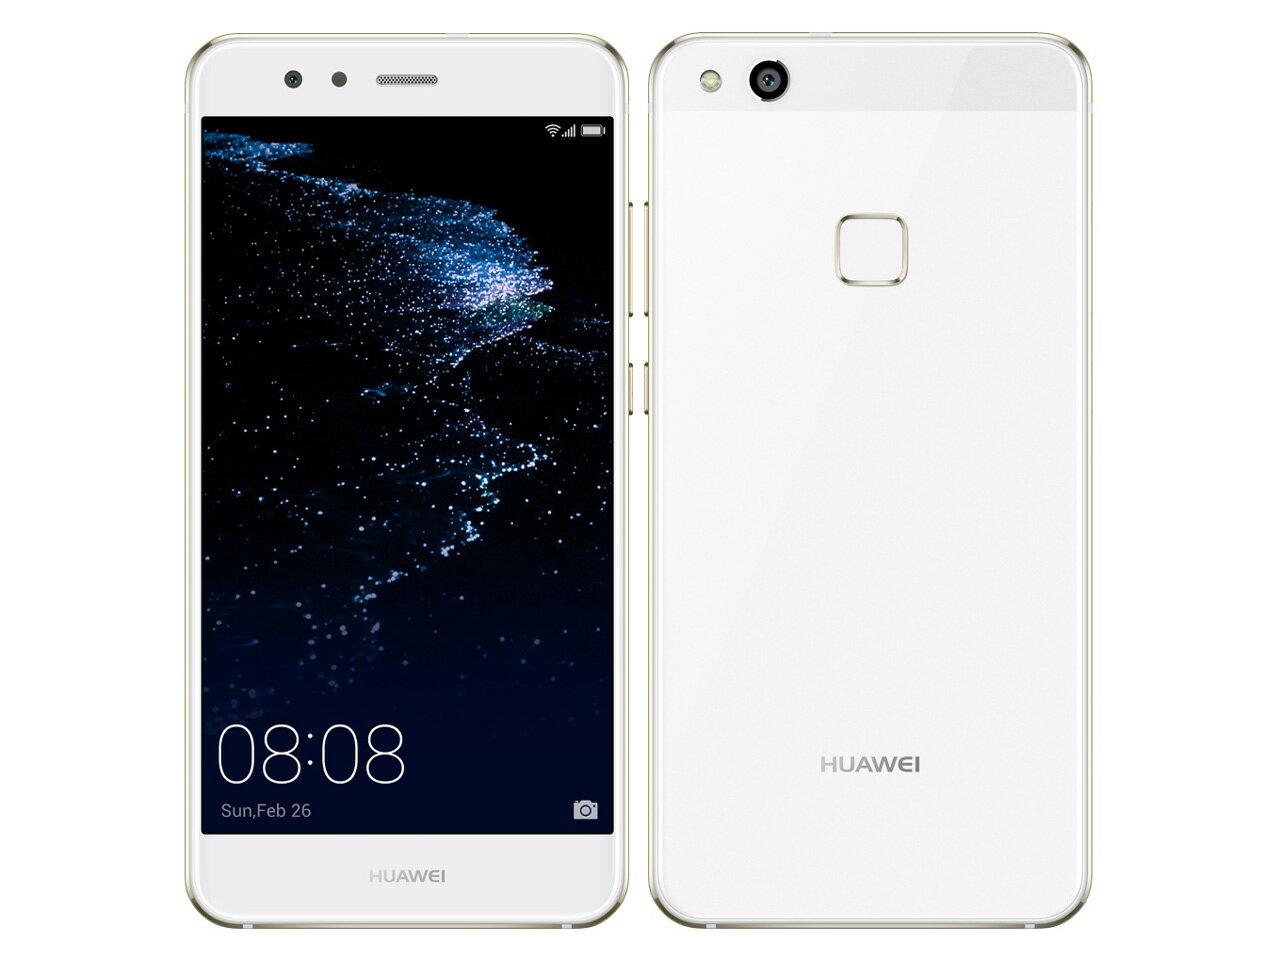 【新品・未使用】HUAWEI P10 lite UQモバイル版 SIMフリー 白ロム 格安スマホ 2017年夏モデル